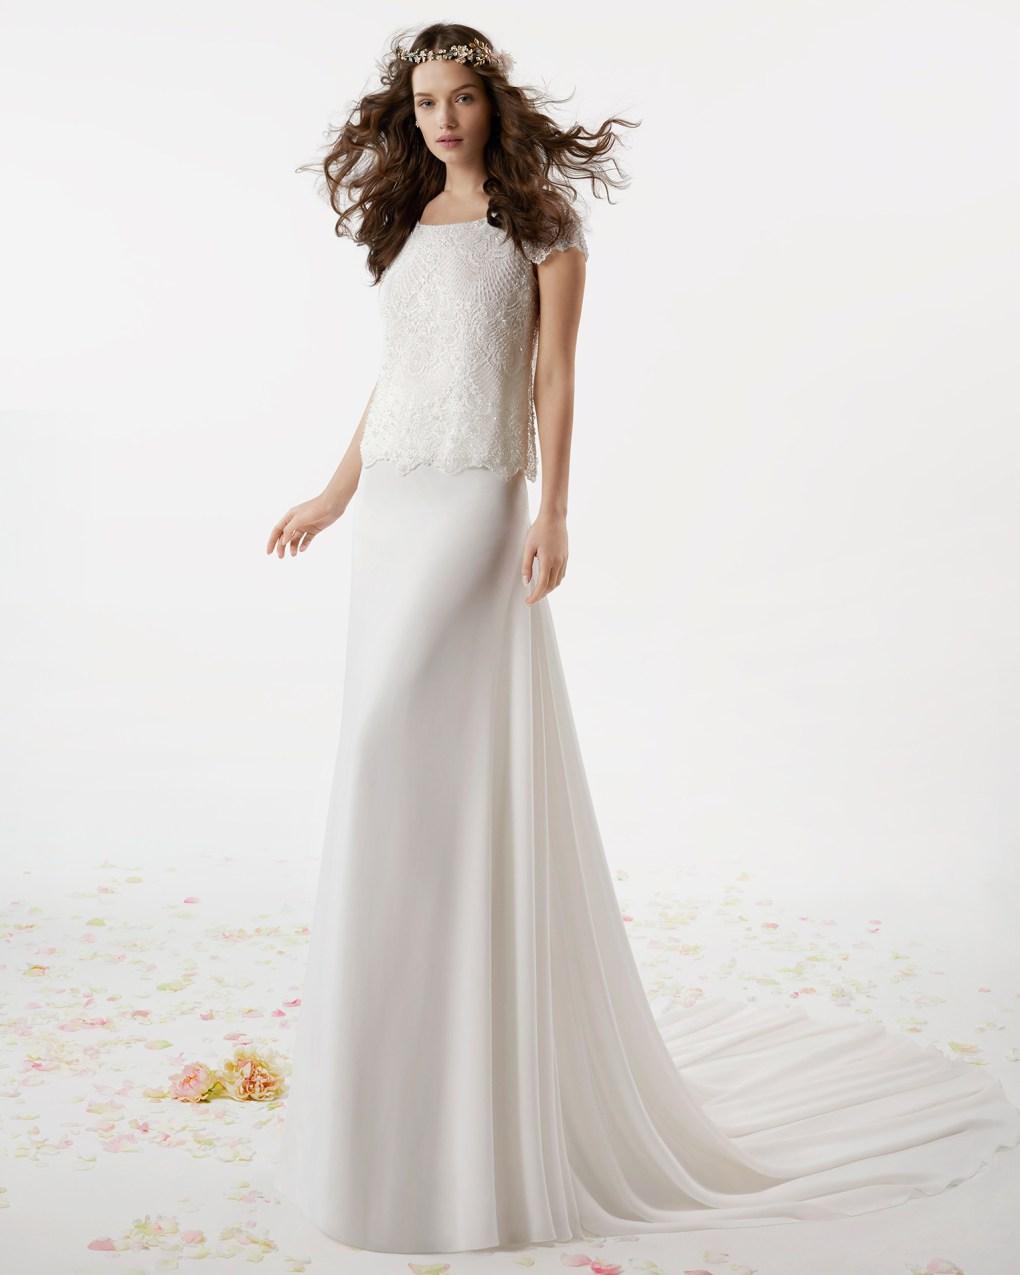 robe-droite-rosaclara